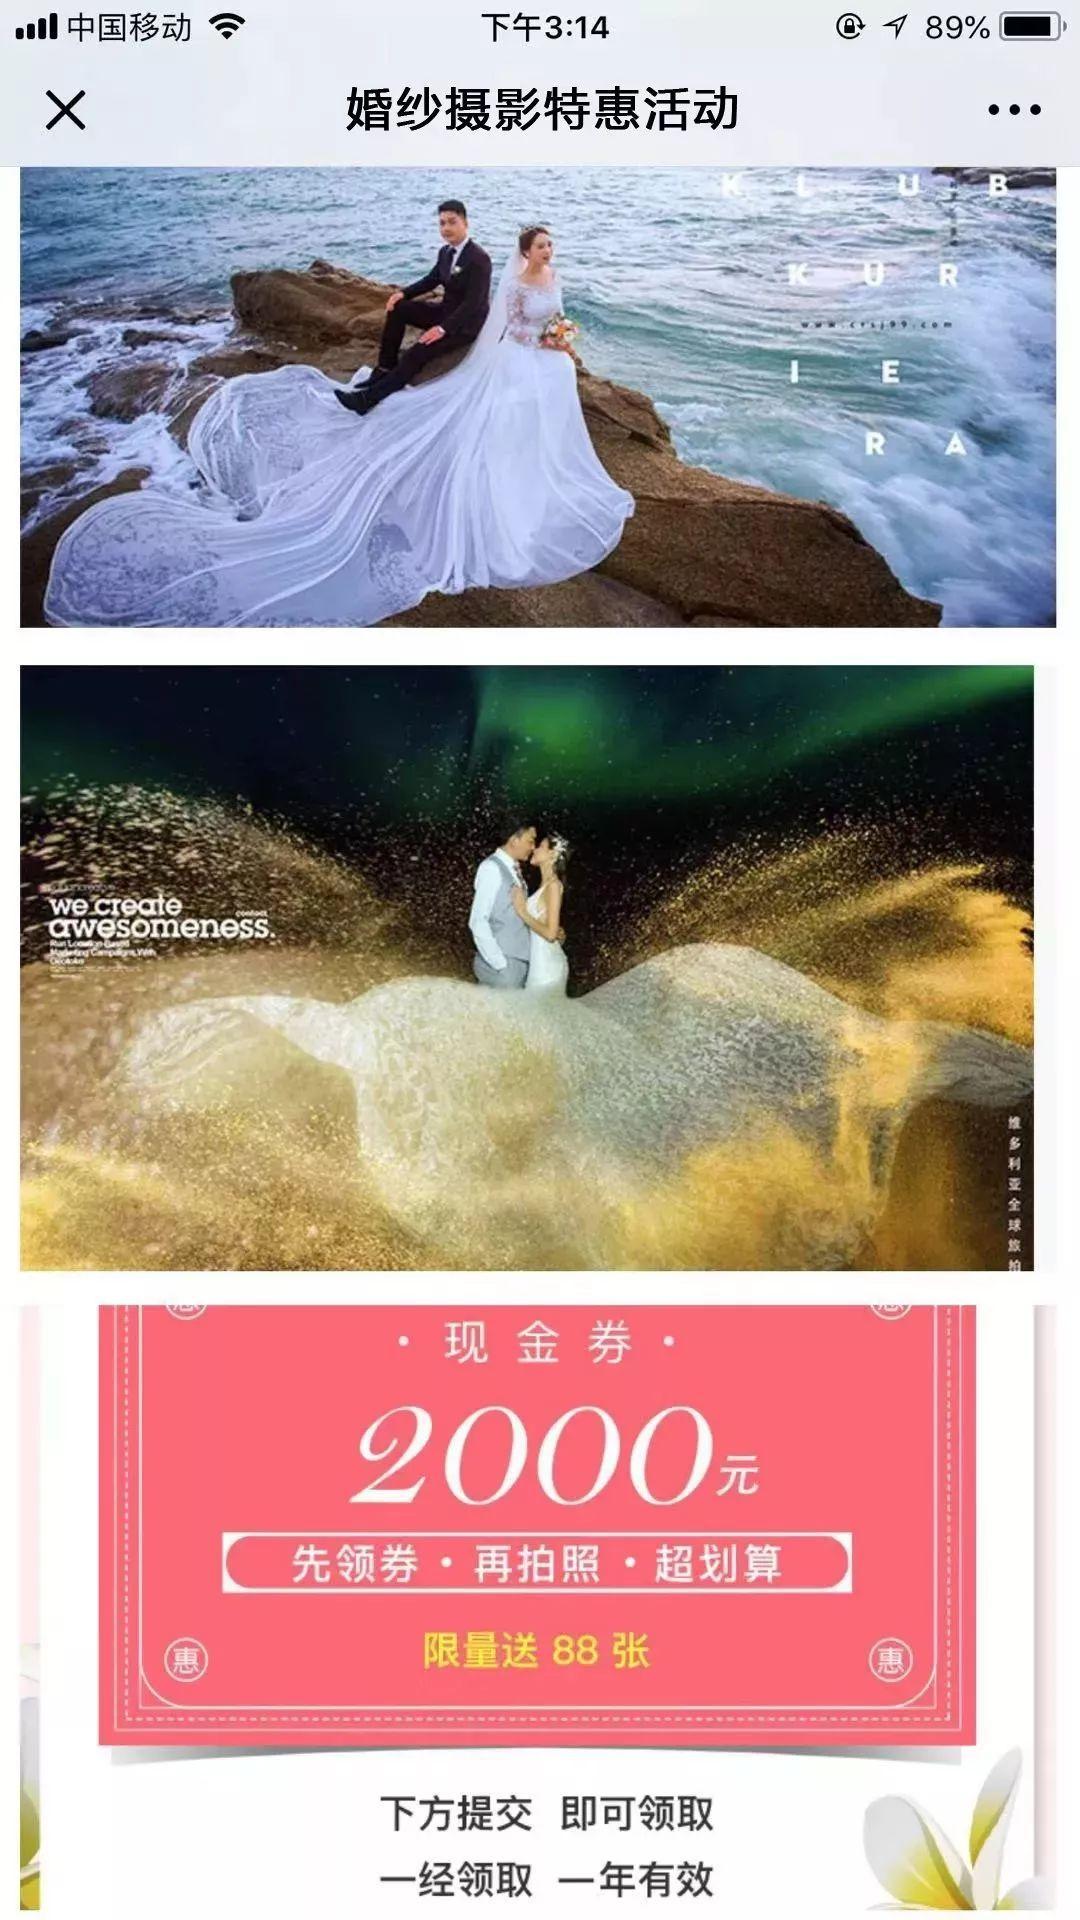 """018Q3婚纱摄影行业投放报告,哪些信息流广告更受欢迎?"""""""